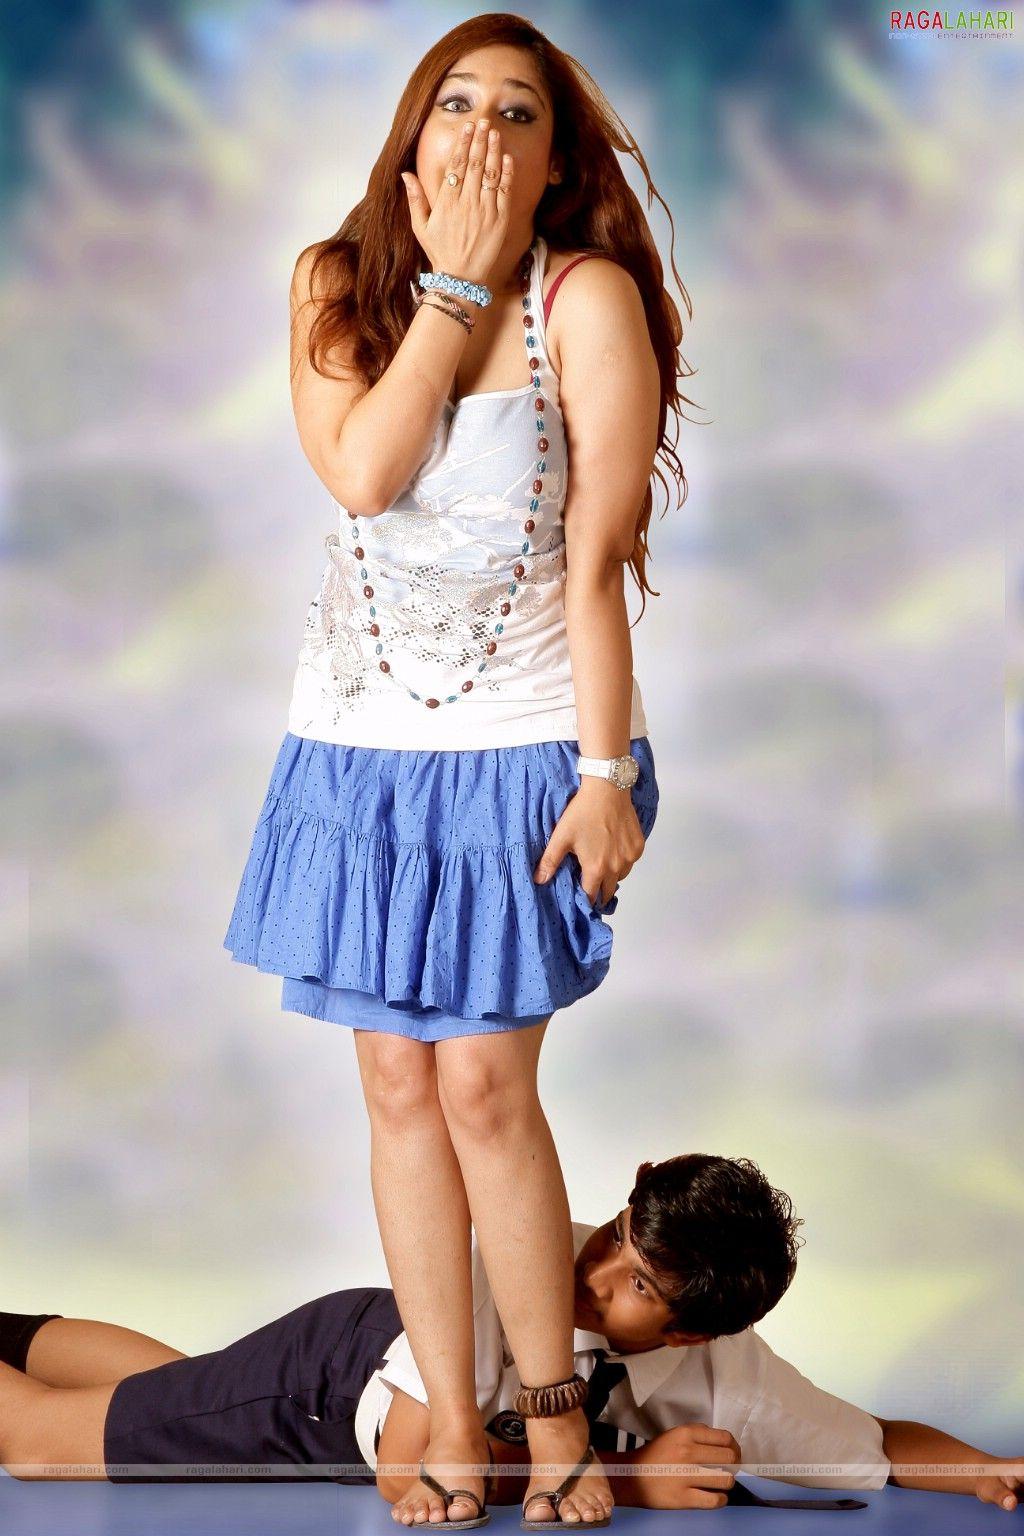 Beautiful Actress Feet | Actress feet, Fashion, Lace skirt